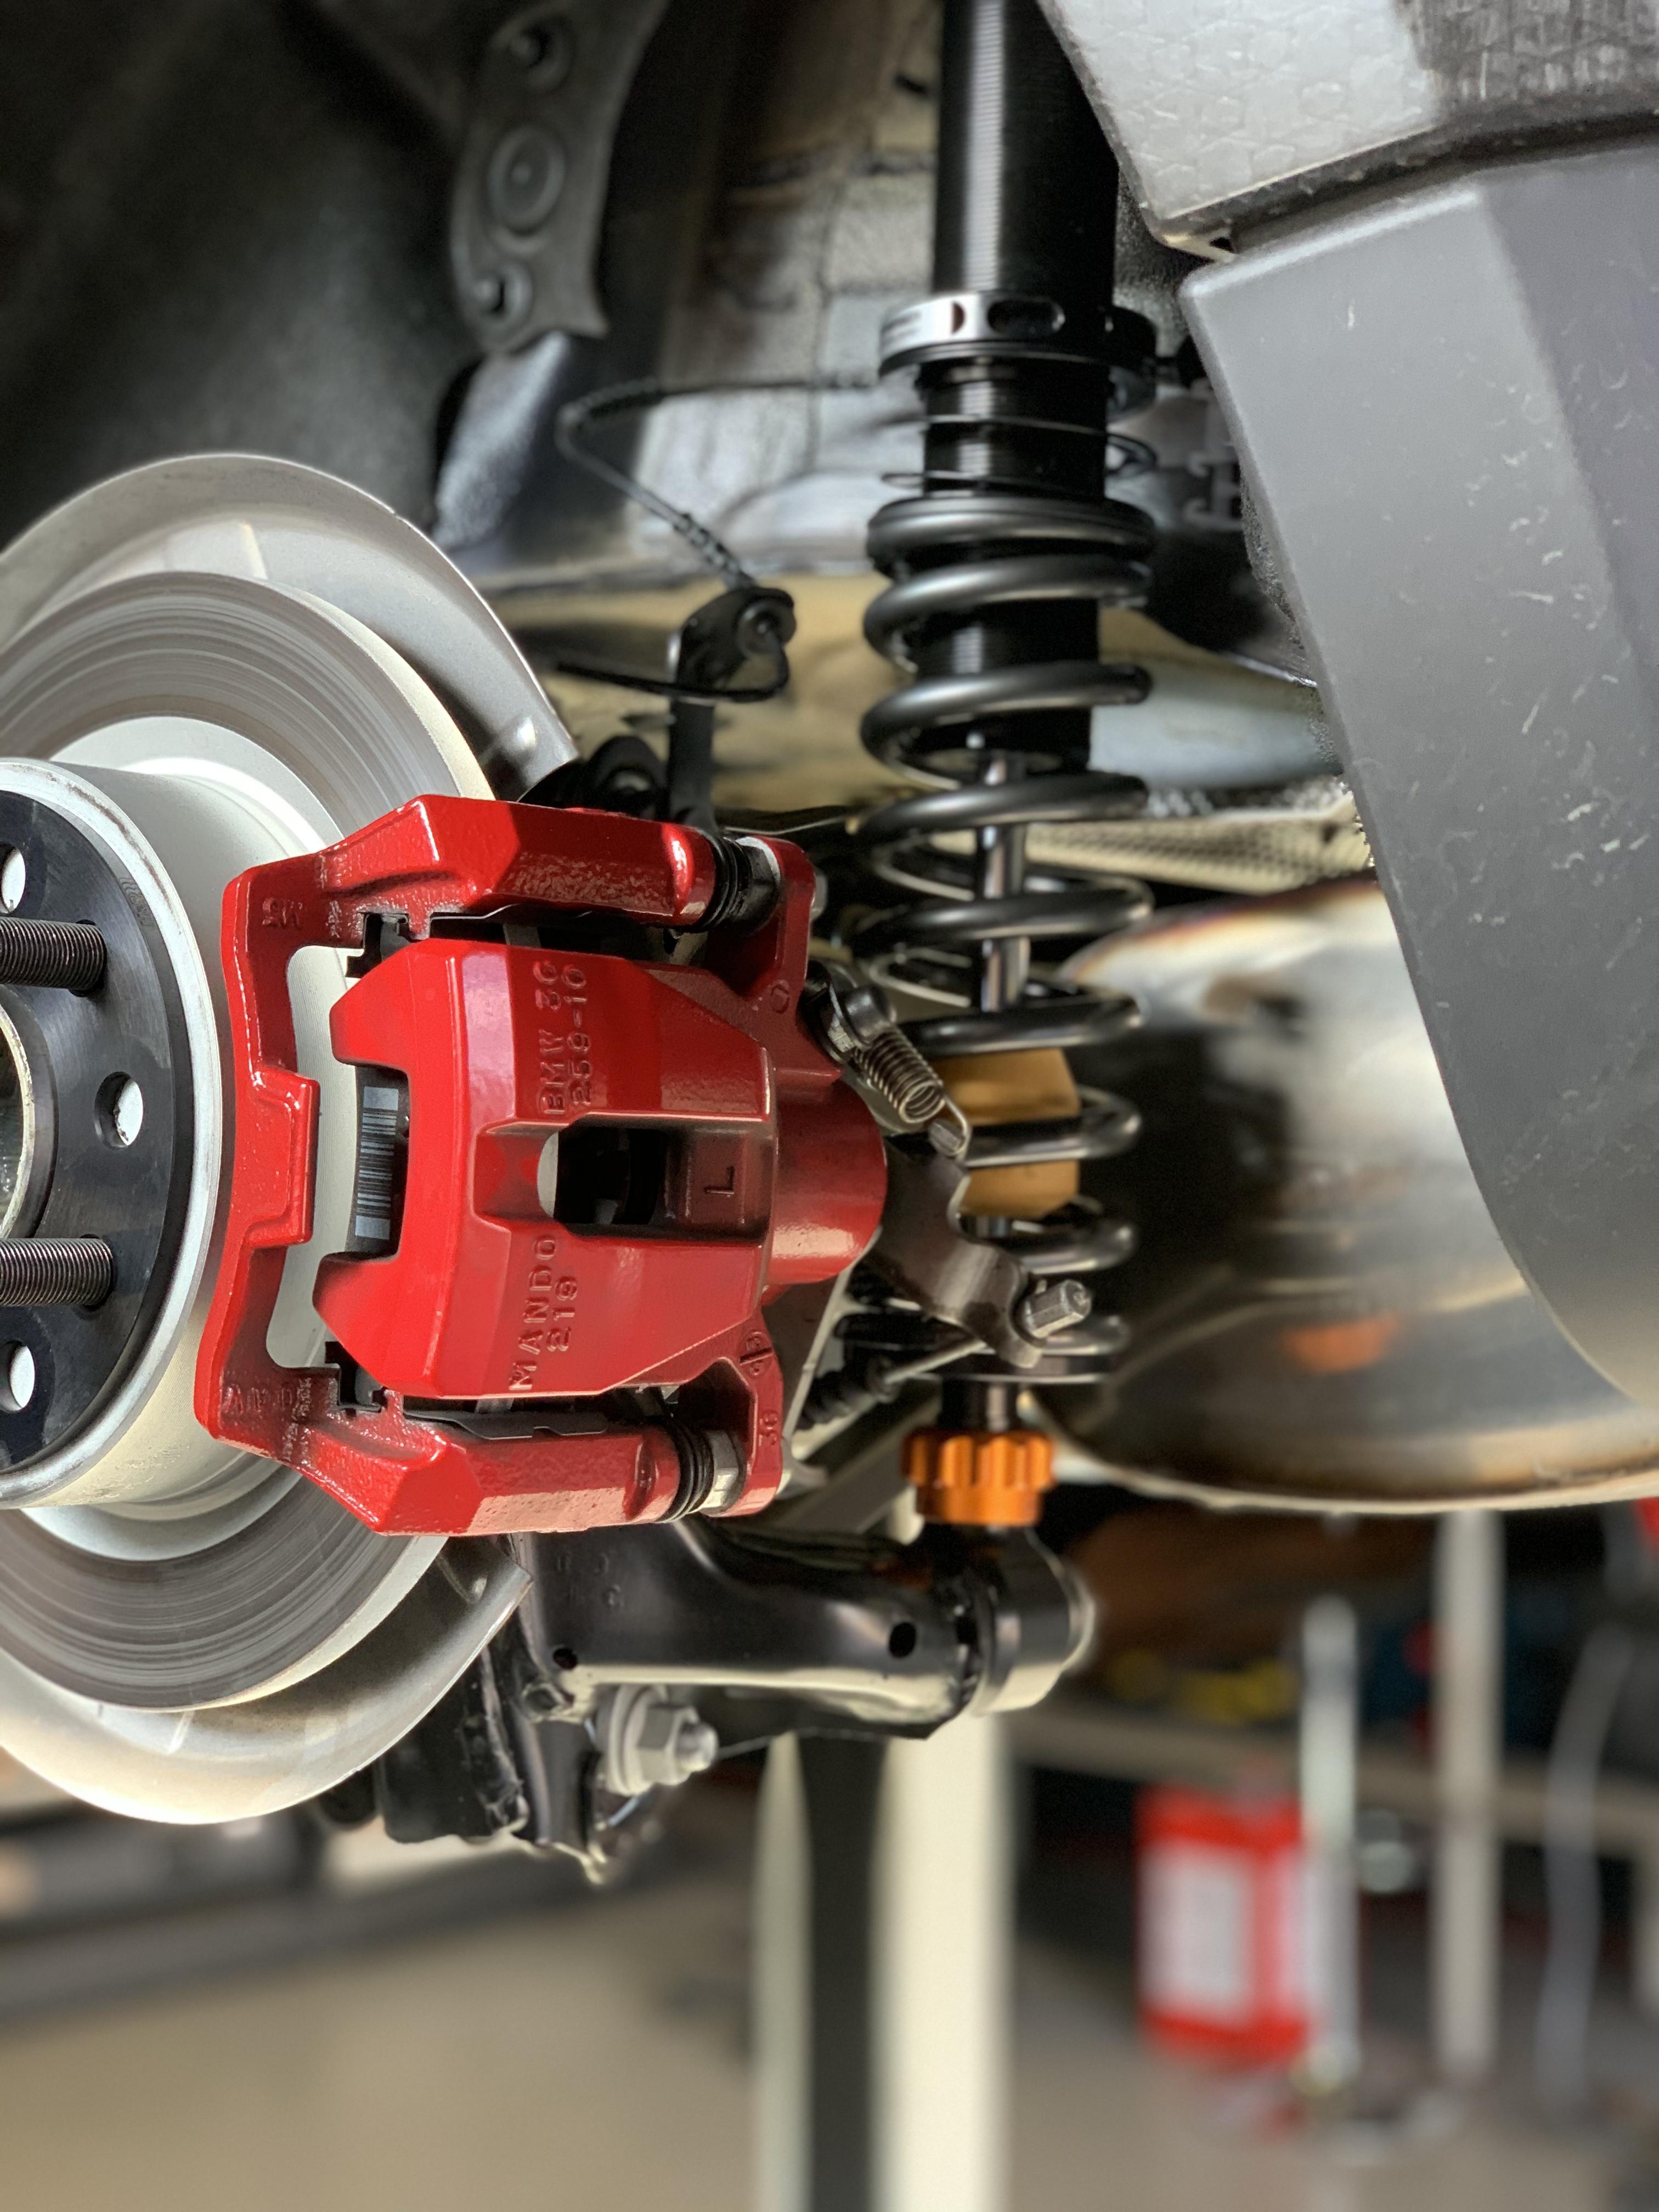 Rear MINI GP3 coilover suspension